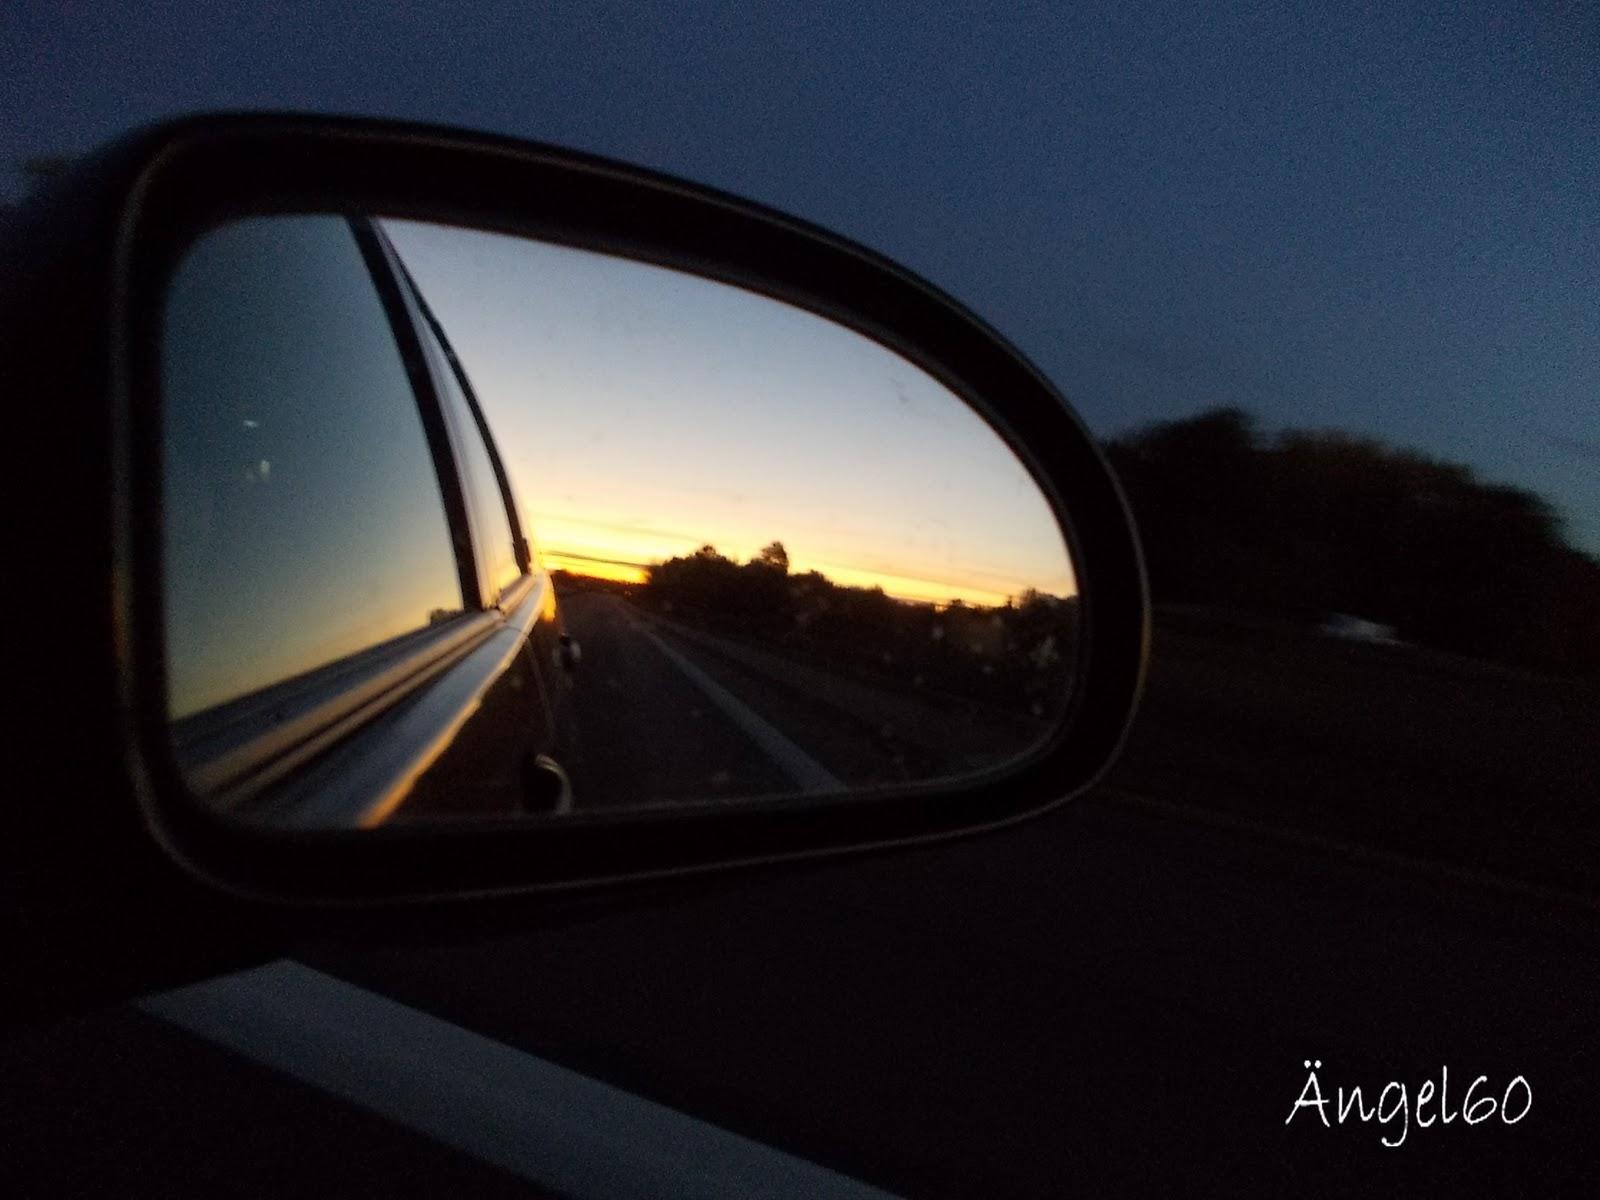 solens uppgång och nedgång